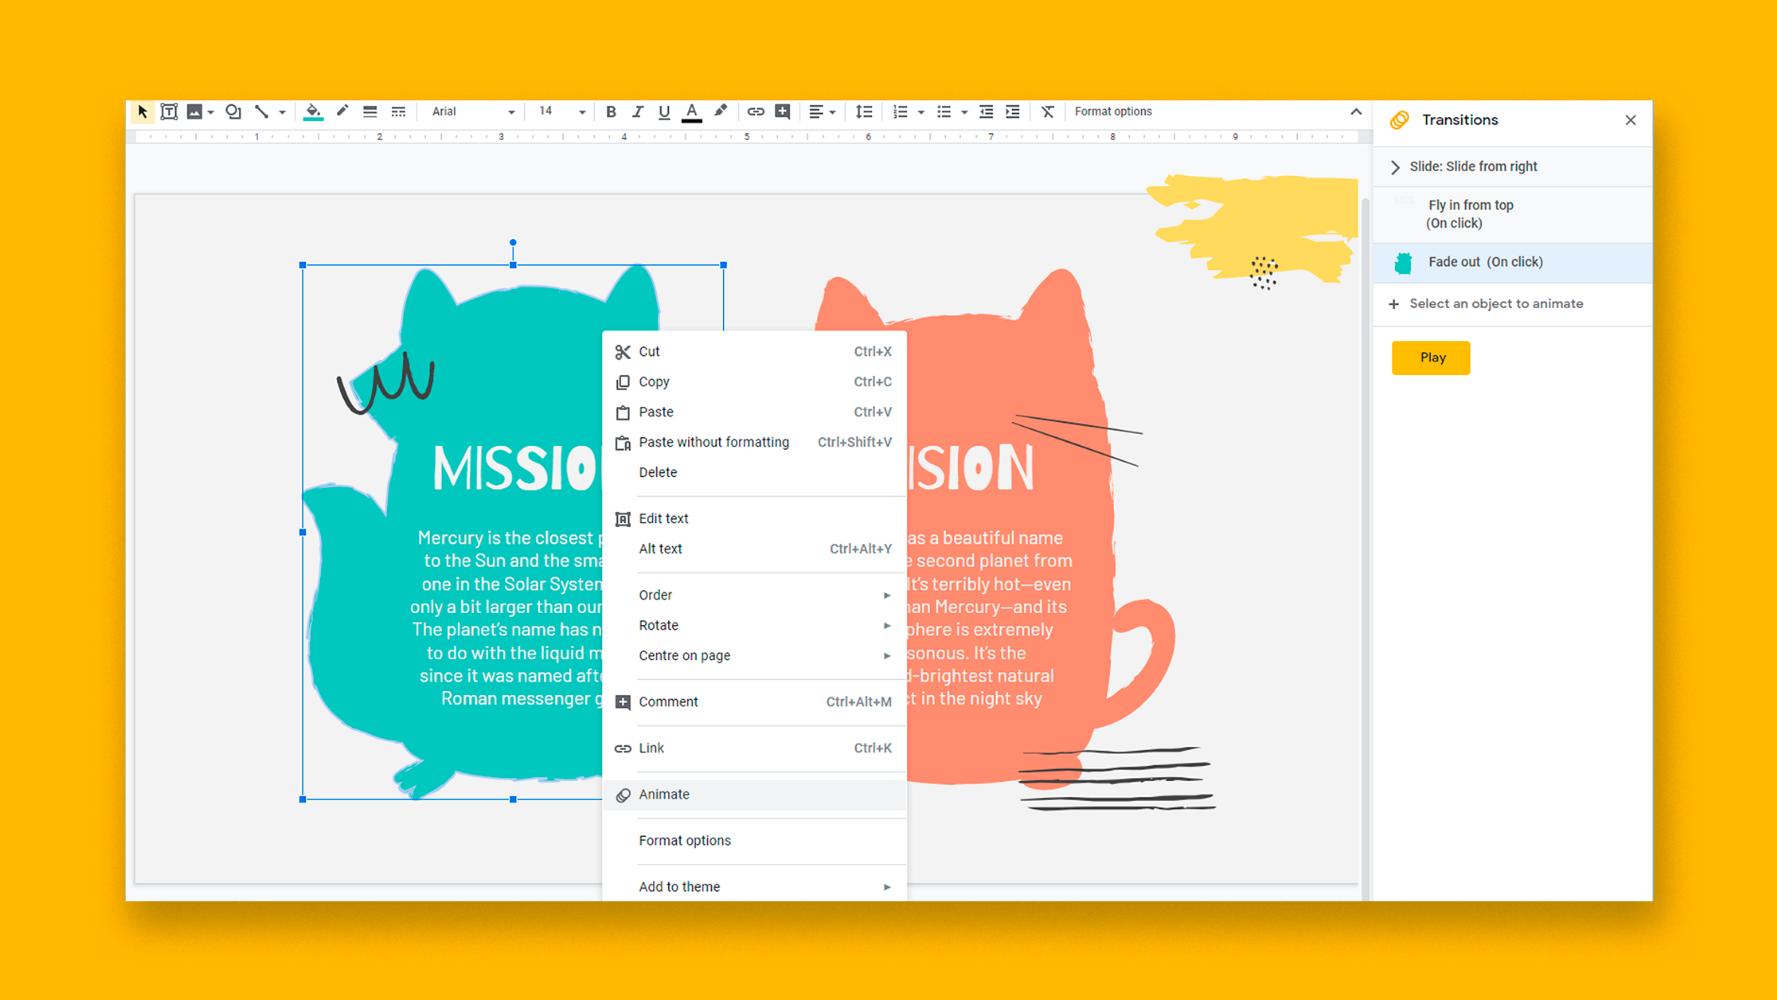 نحوه اضافه کردن انیمیشن ها و انتقال در اسلایدهای Google | نکات سریع و آموزش برای ارائه های خود